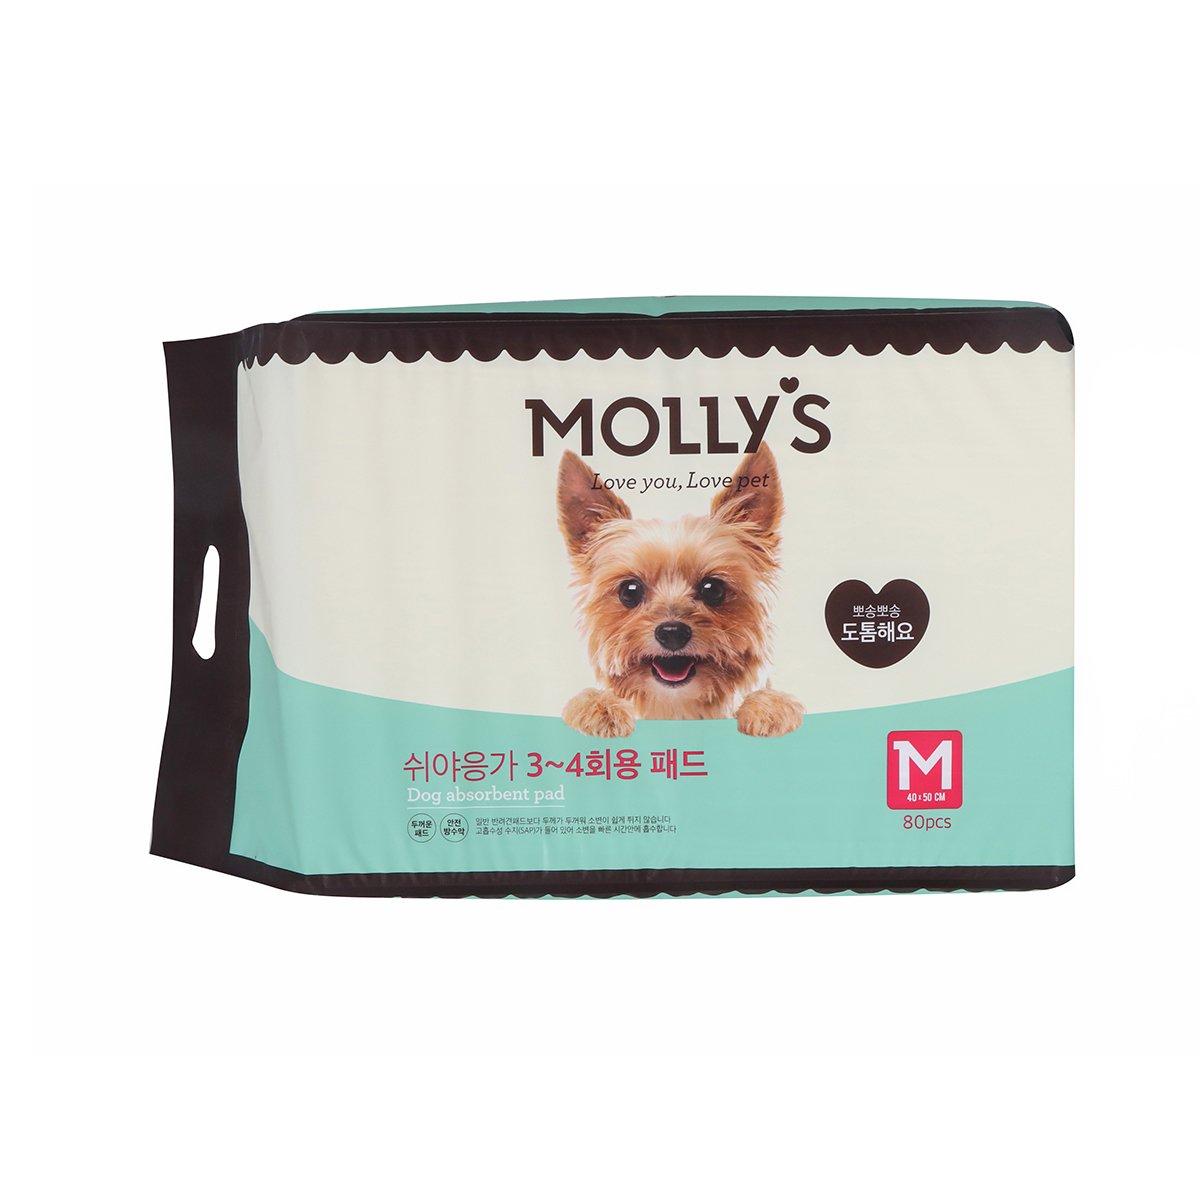 [몰리스]쉬야응가 3~4회용 패드(M) 80매